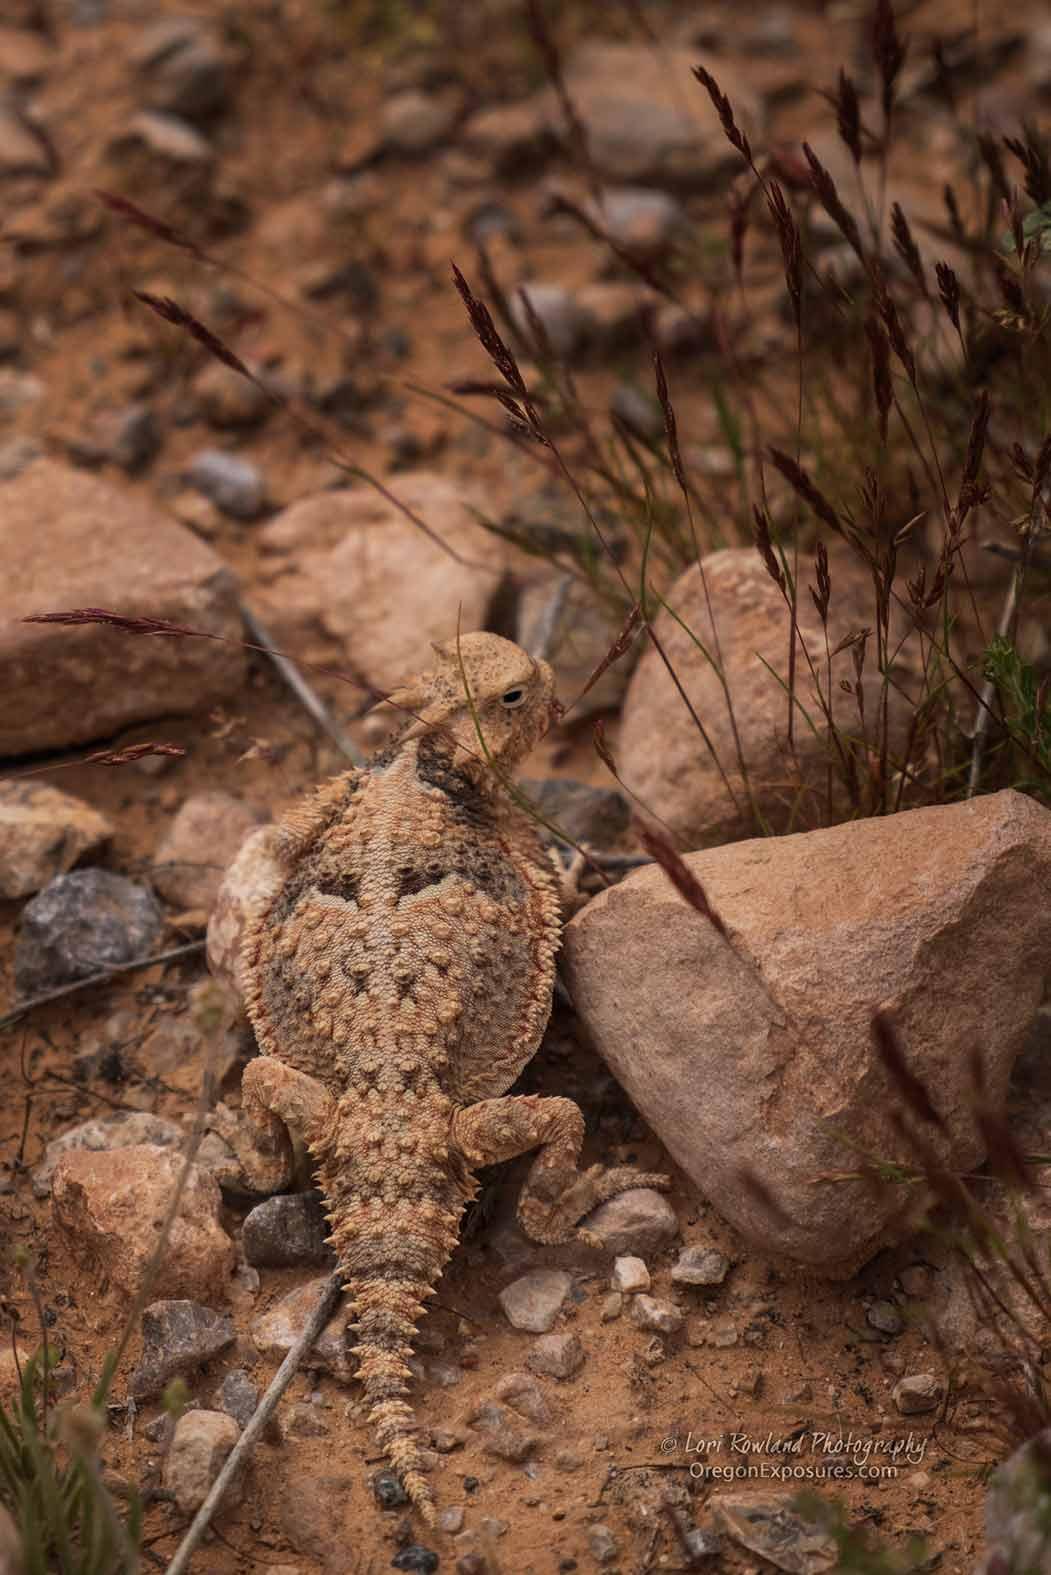 Horned Lizard under a bush.